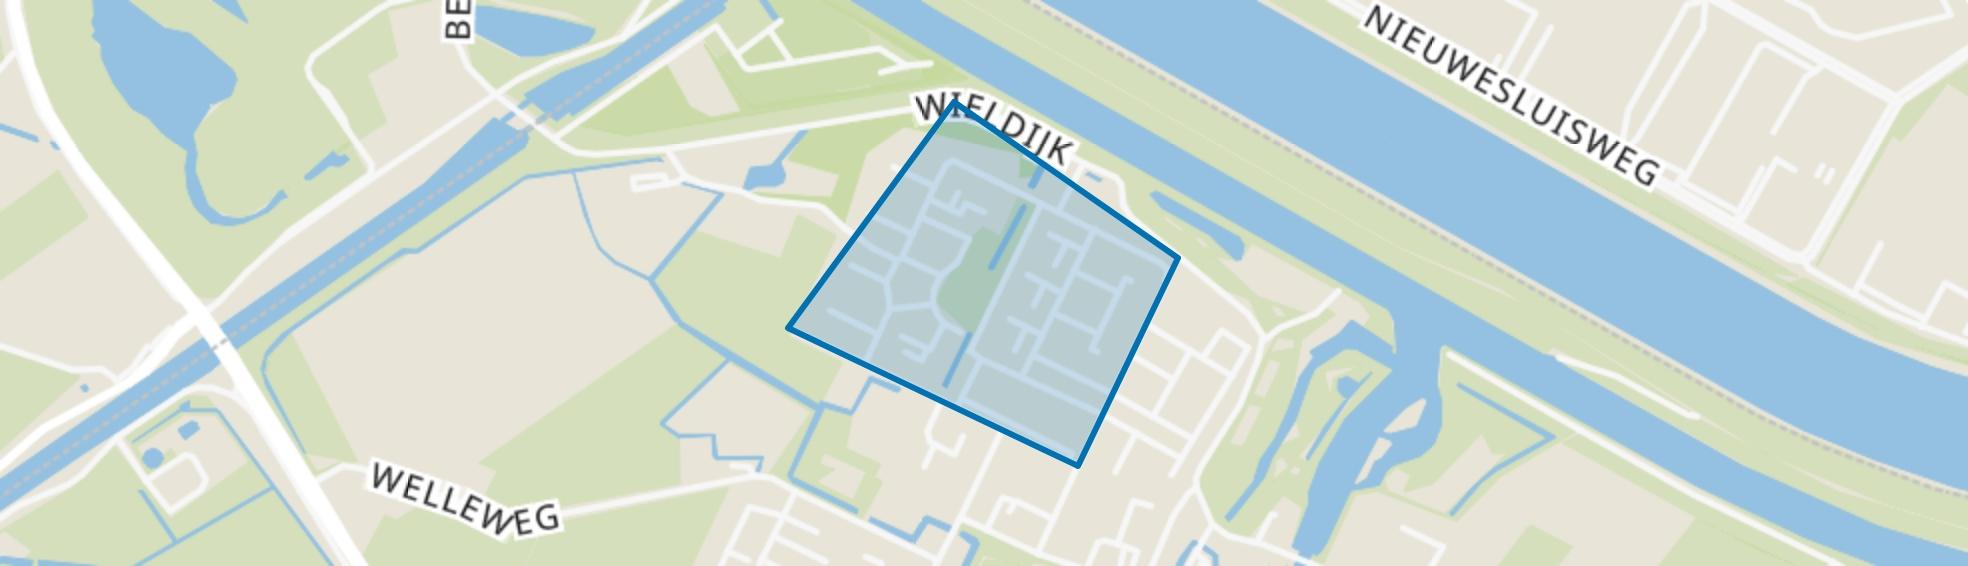 Ravensteijn-West, Heenvliet map